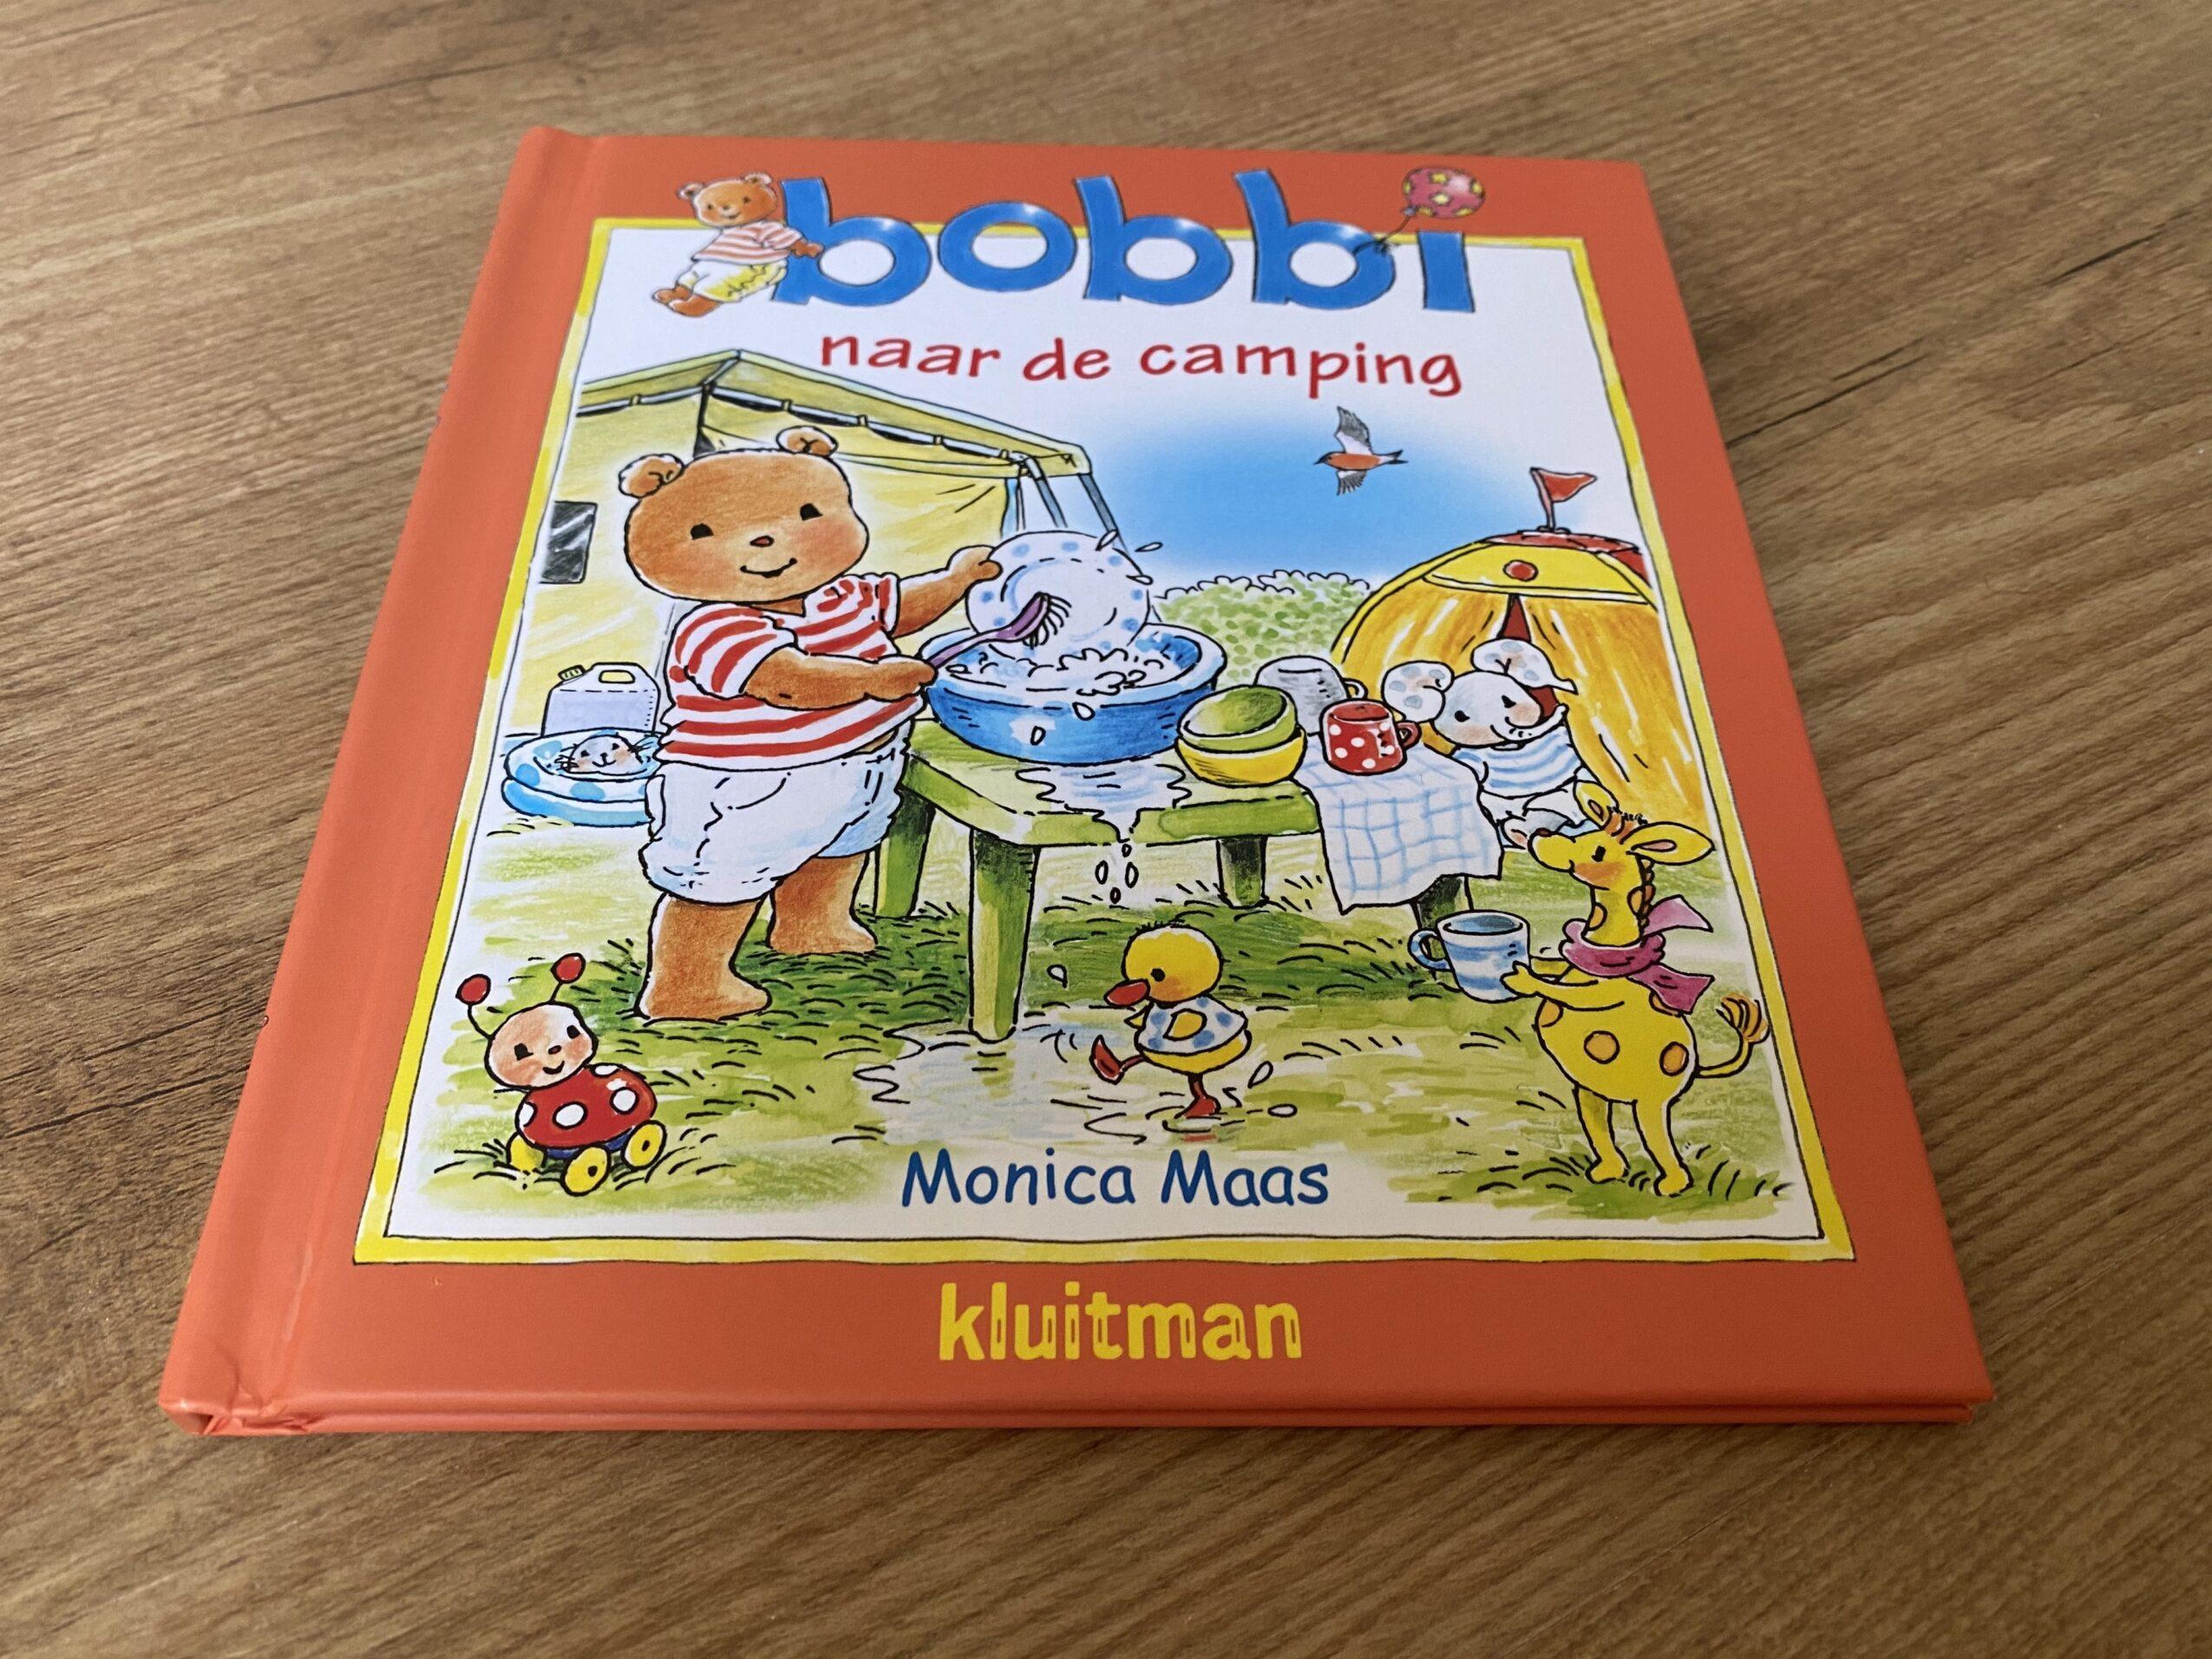 bobbi naar de camping WIN